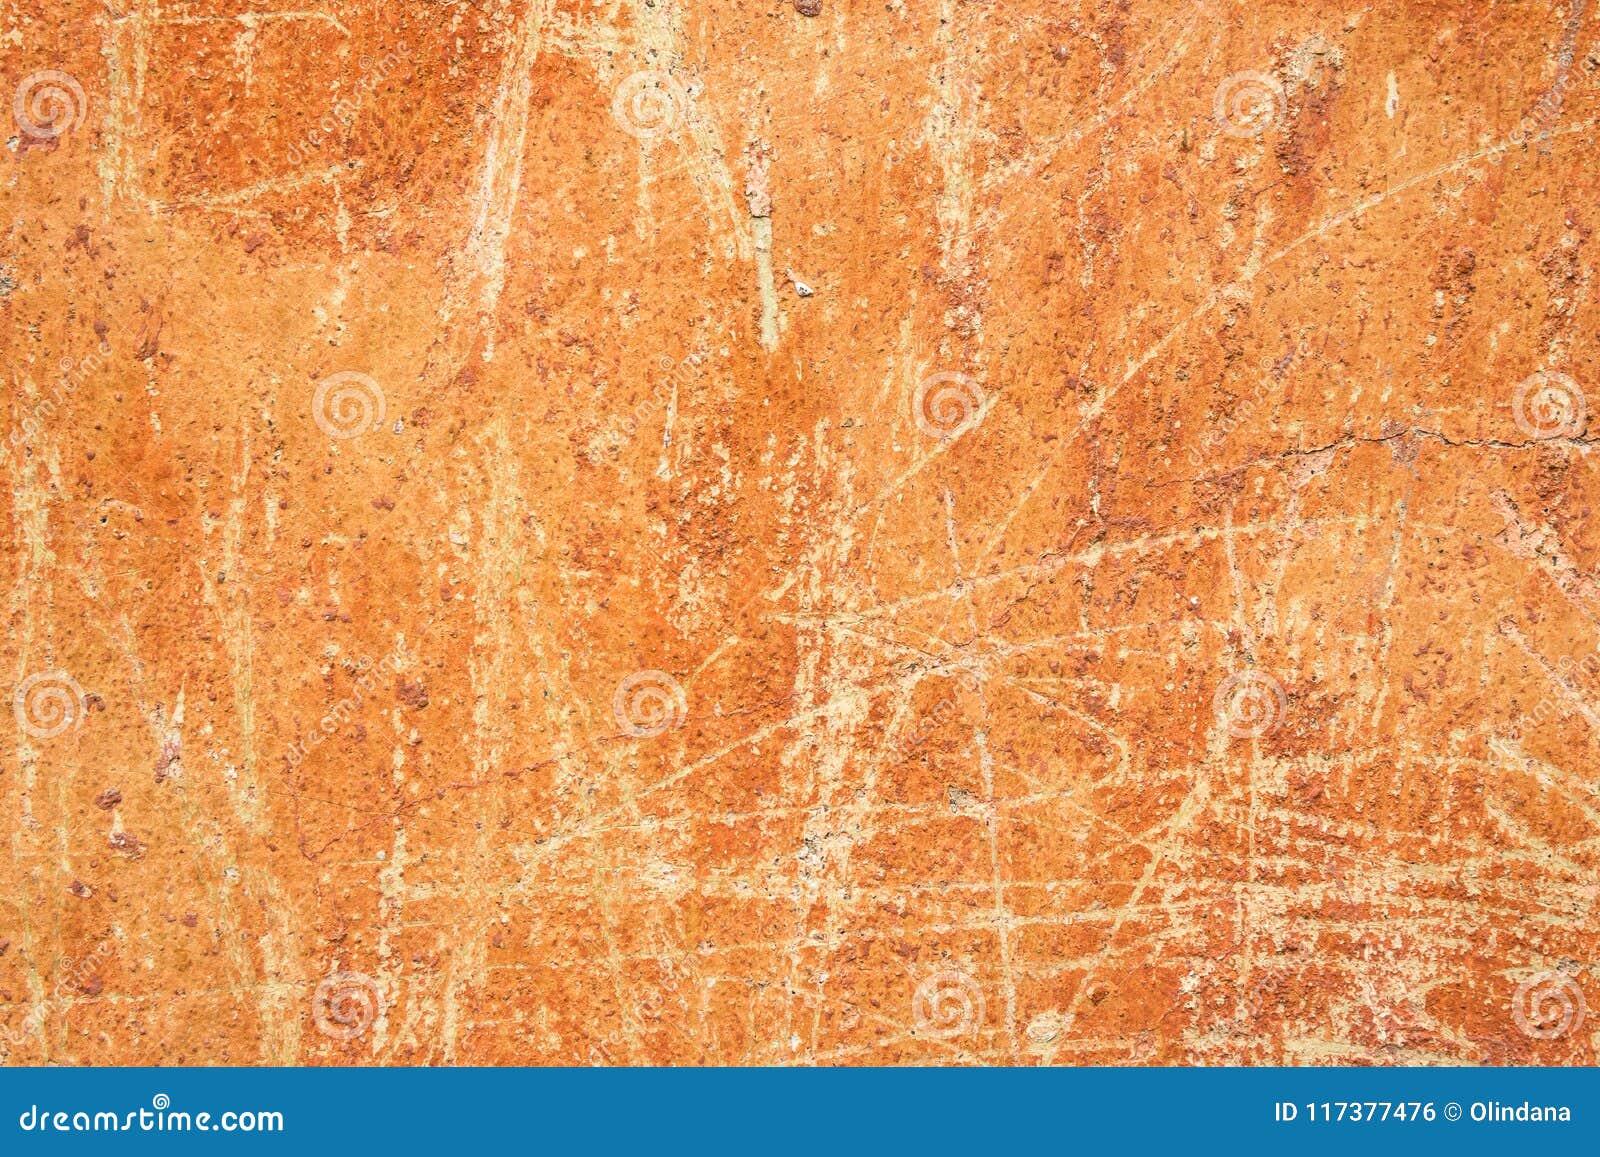 Παλαιό στενοχωρημένο γρατσουνισμένο πελεκημένο Ochre σκουριασμένο υπόβαθρο τερακότας με το βρώμικο τοίχο σύστασης Λεκιασμένο τσιμ